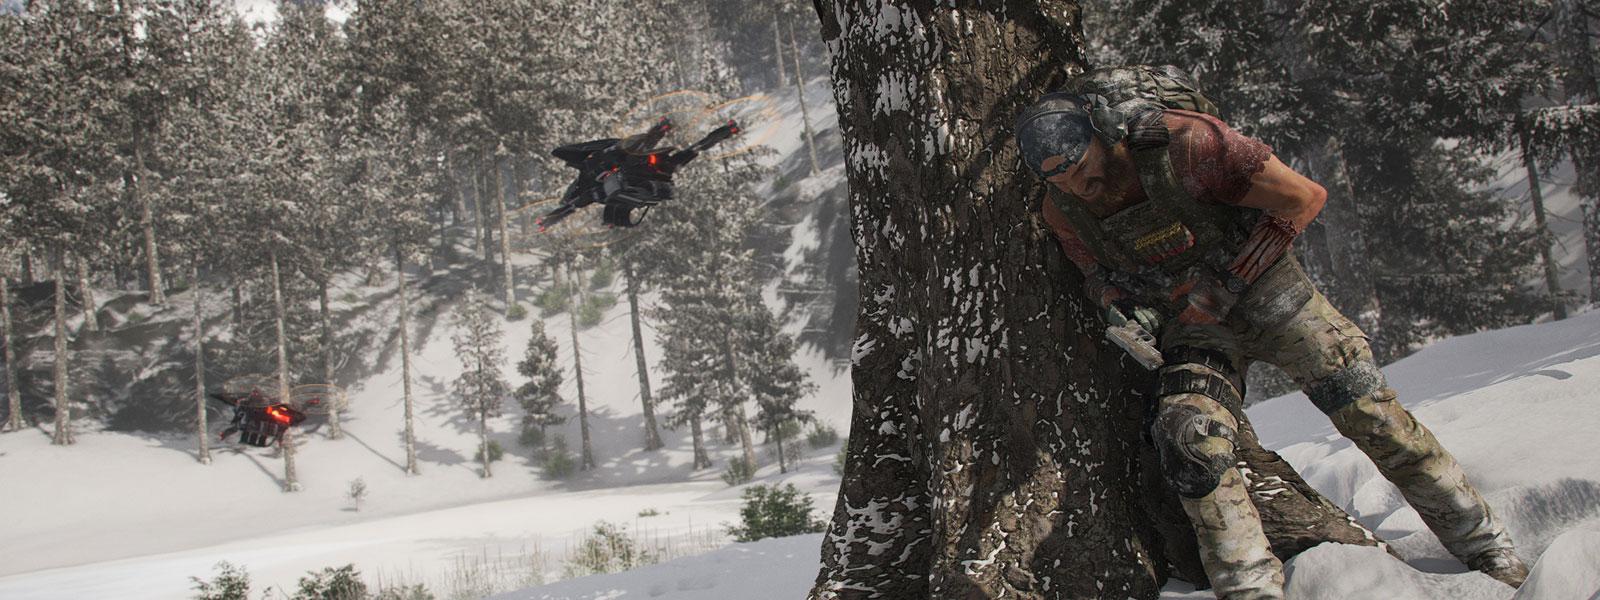 Sotilasvarusteinen hahmo piileksii puun takana kahden dronen kanssa lumisessa maisemassa